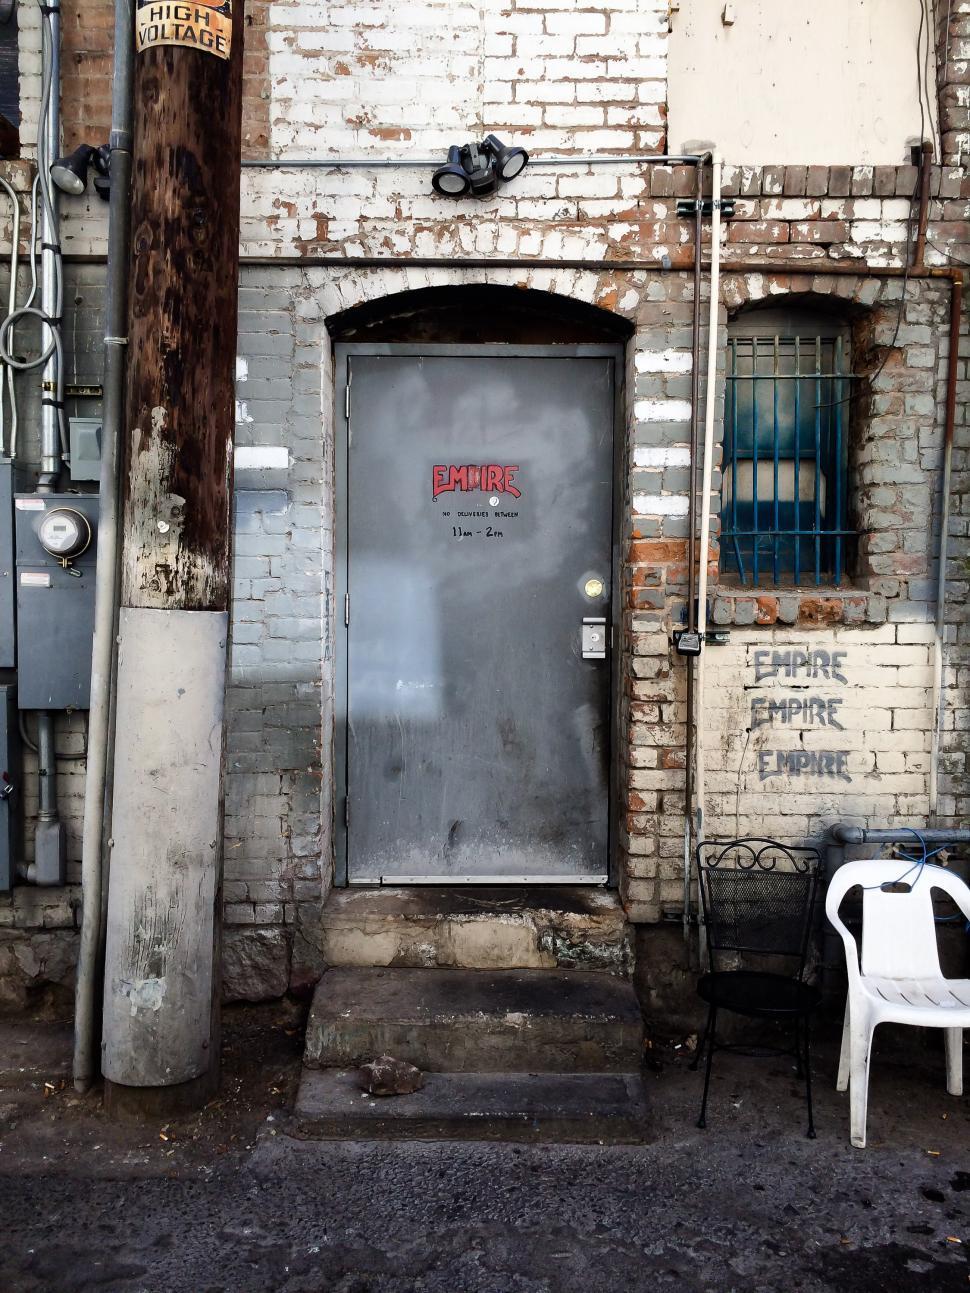 Download Free Stock Photo of Alley back door